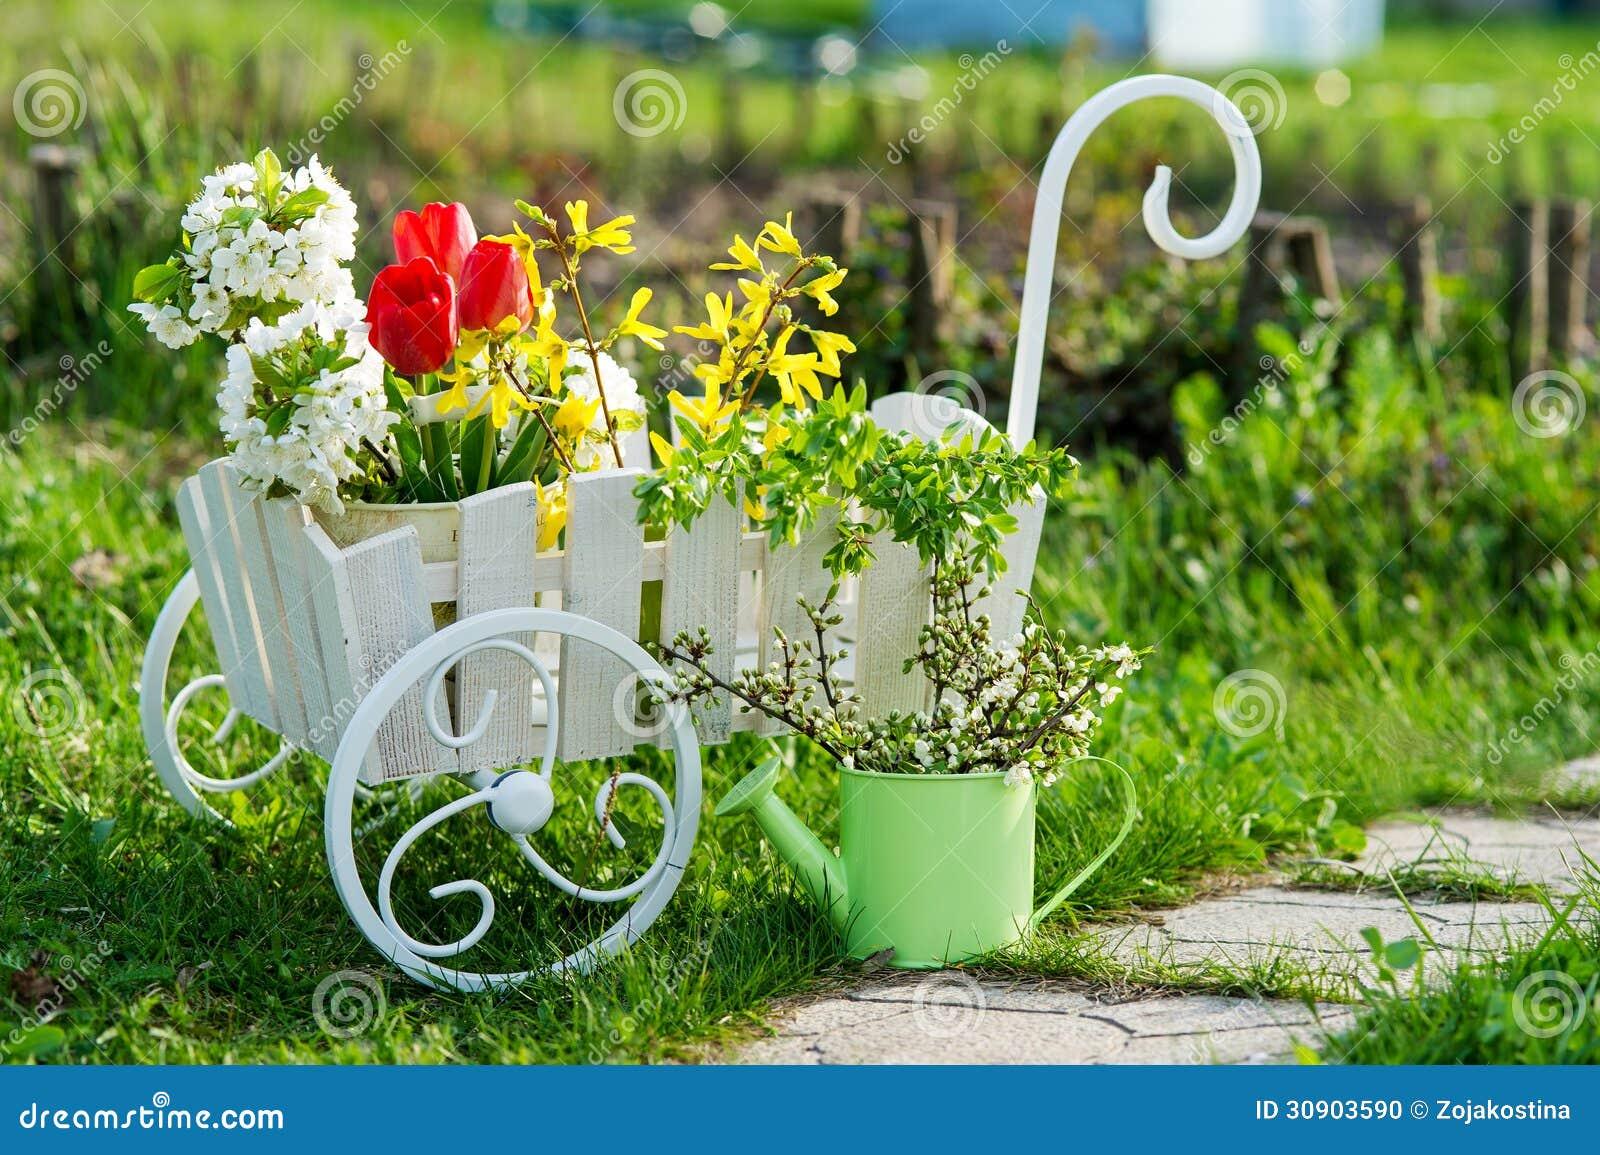 Carriola con i fiori nel giardino fotografia stock - Fiori di giardino ...